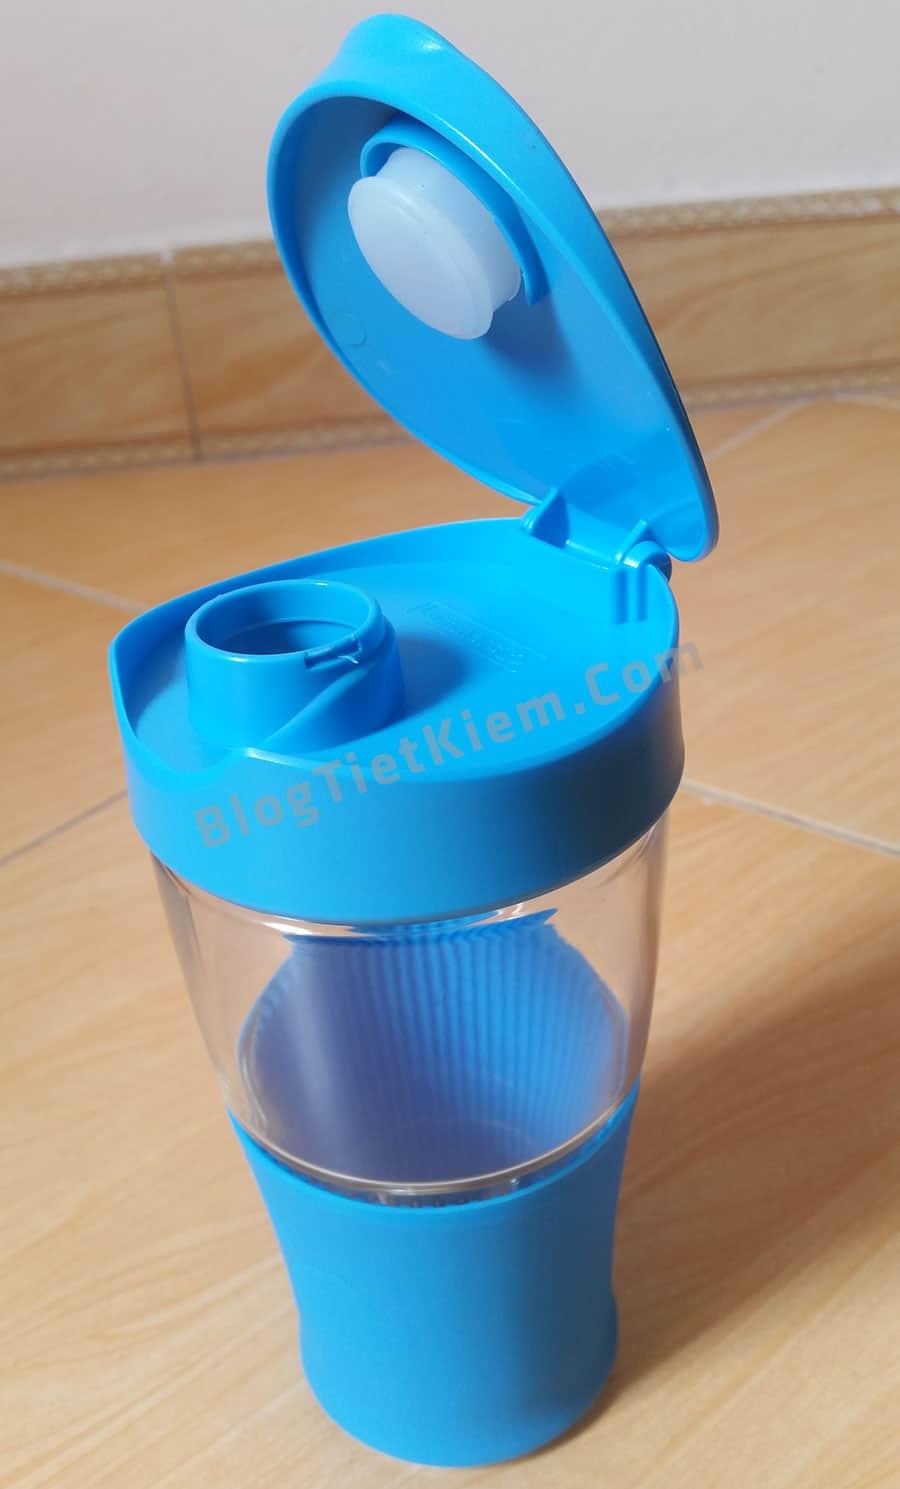 danh-gia-ly-co-nap-thuy-tinh-luminarc-transportable-l5450-500ml-mang-thuong-hieu-luminarc-4